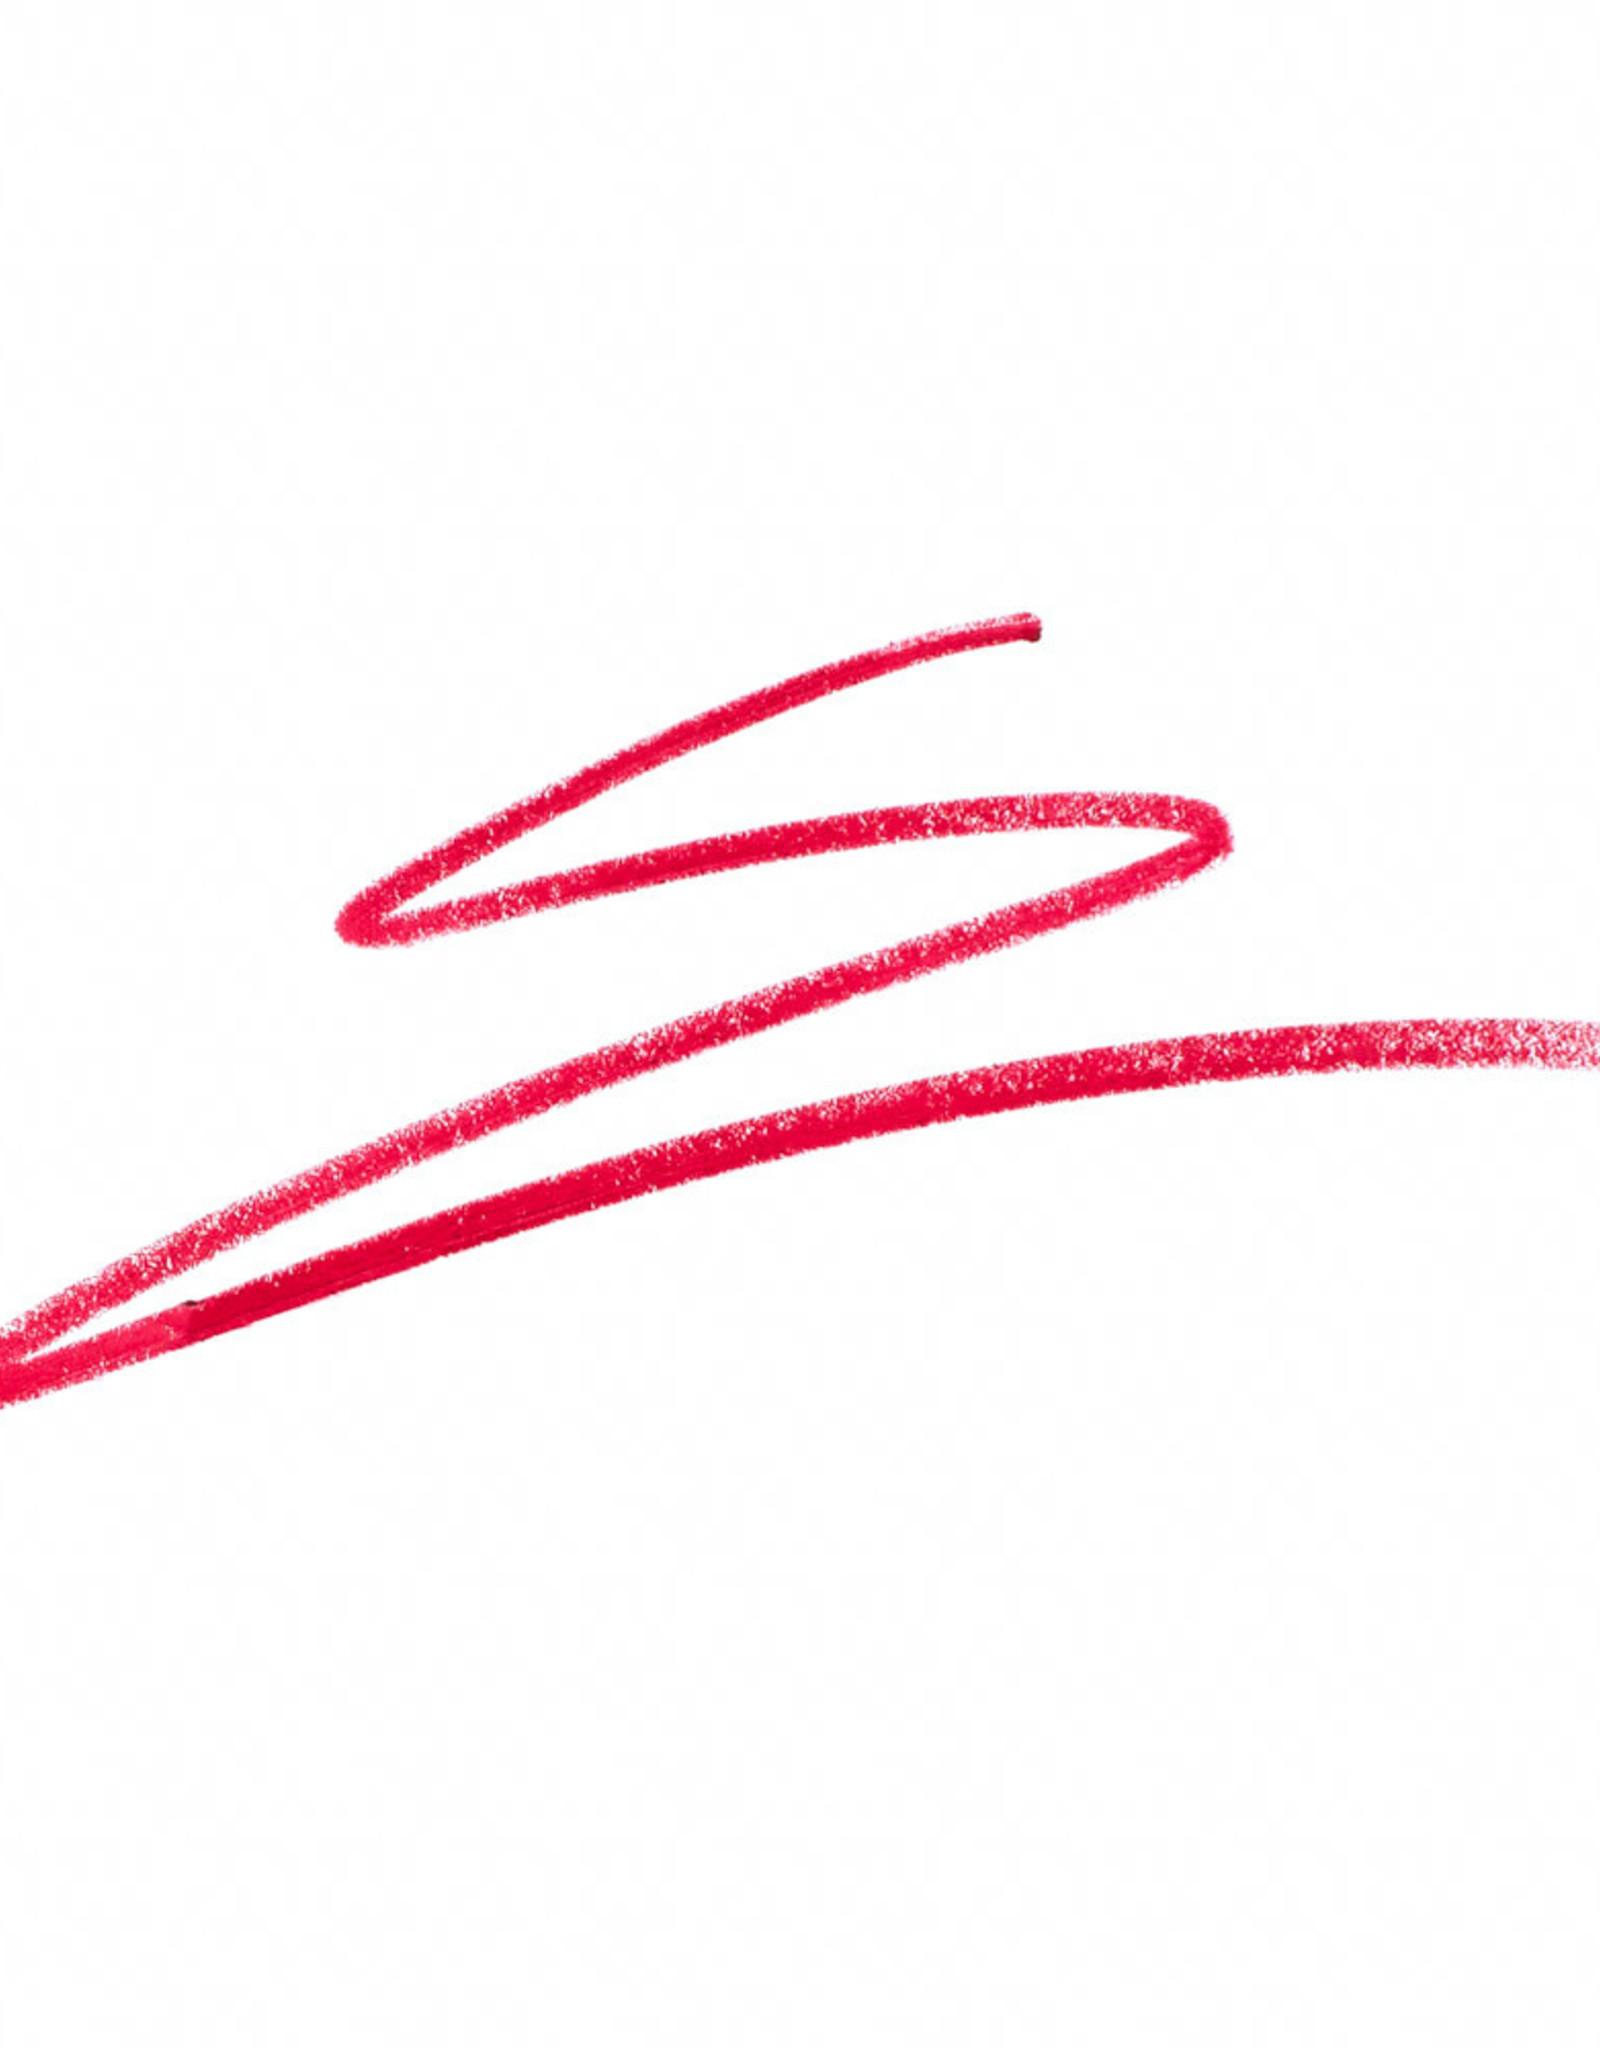 Ben Nye MAGICOLR CREME PNCL, FIRE RED, .04 OZ